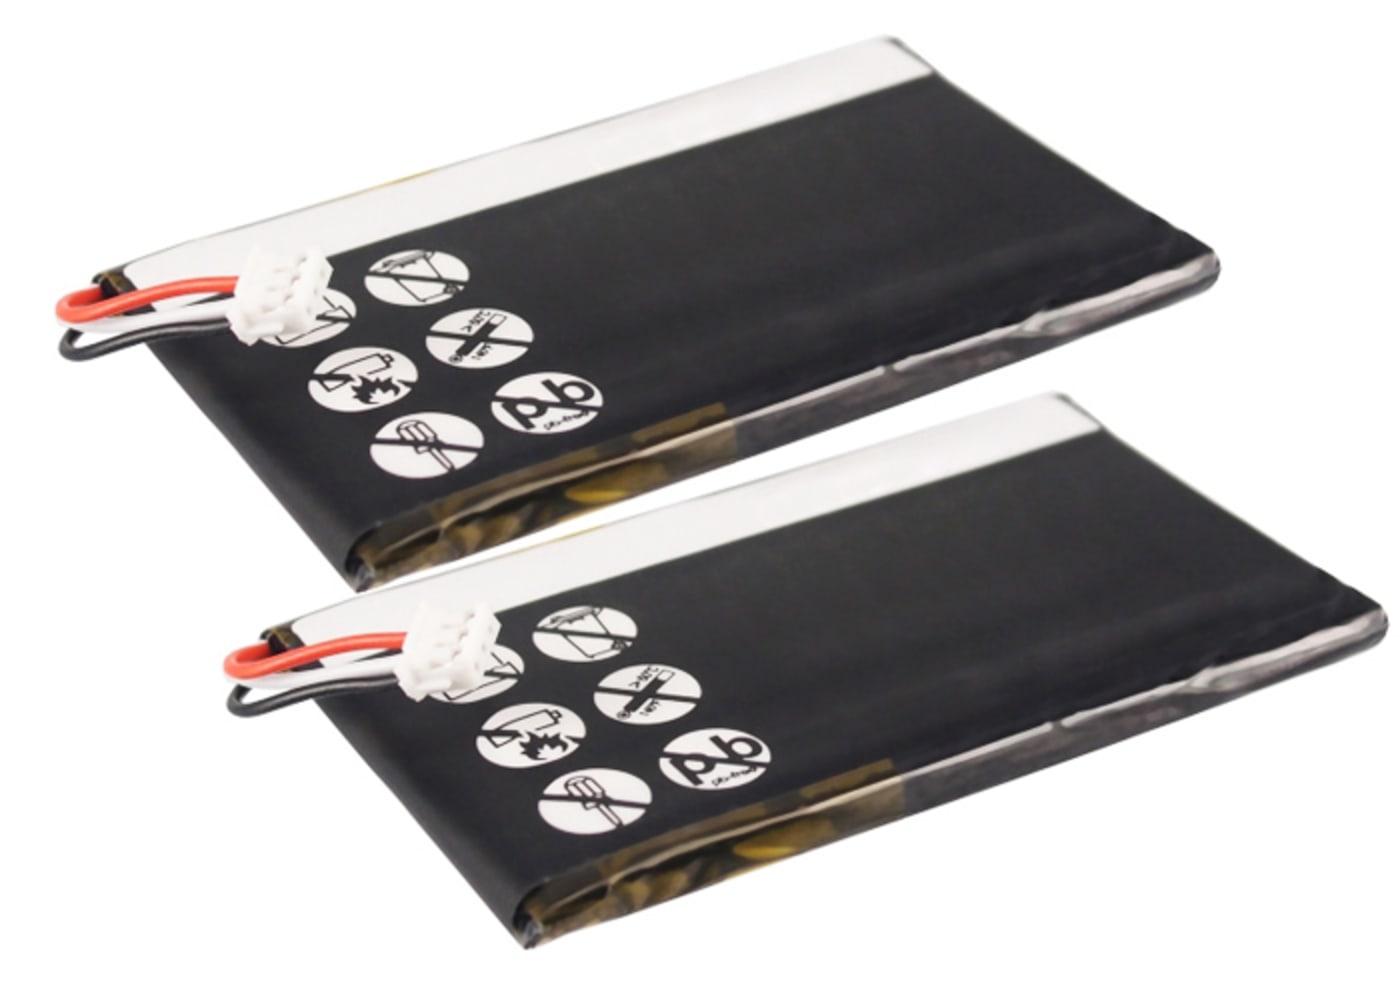 2x Batterie pour téléphone fixe Philips S10A, Philips S10A/38, Philips S10H - Philips PH454061 1200mAh